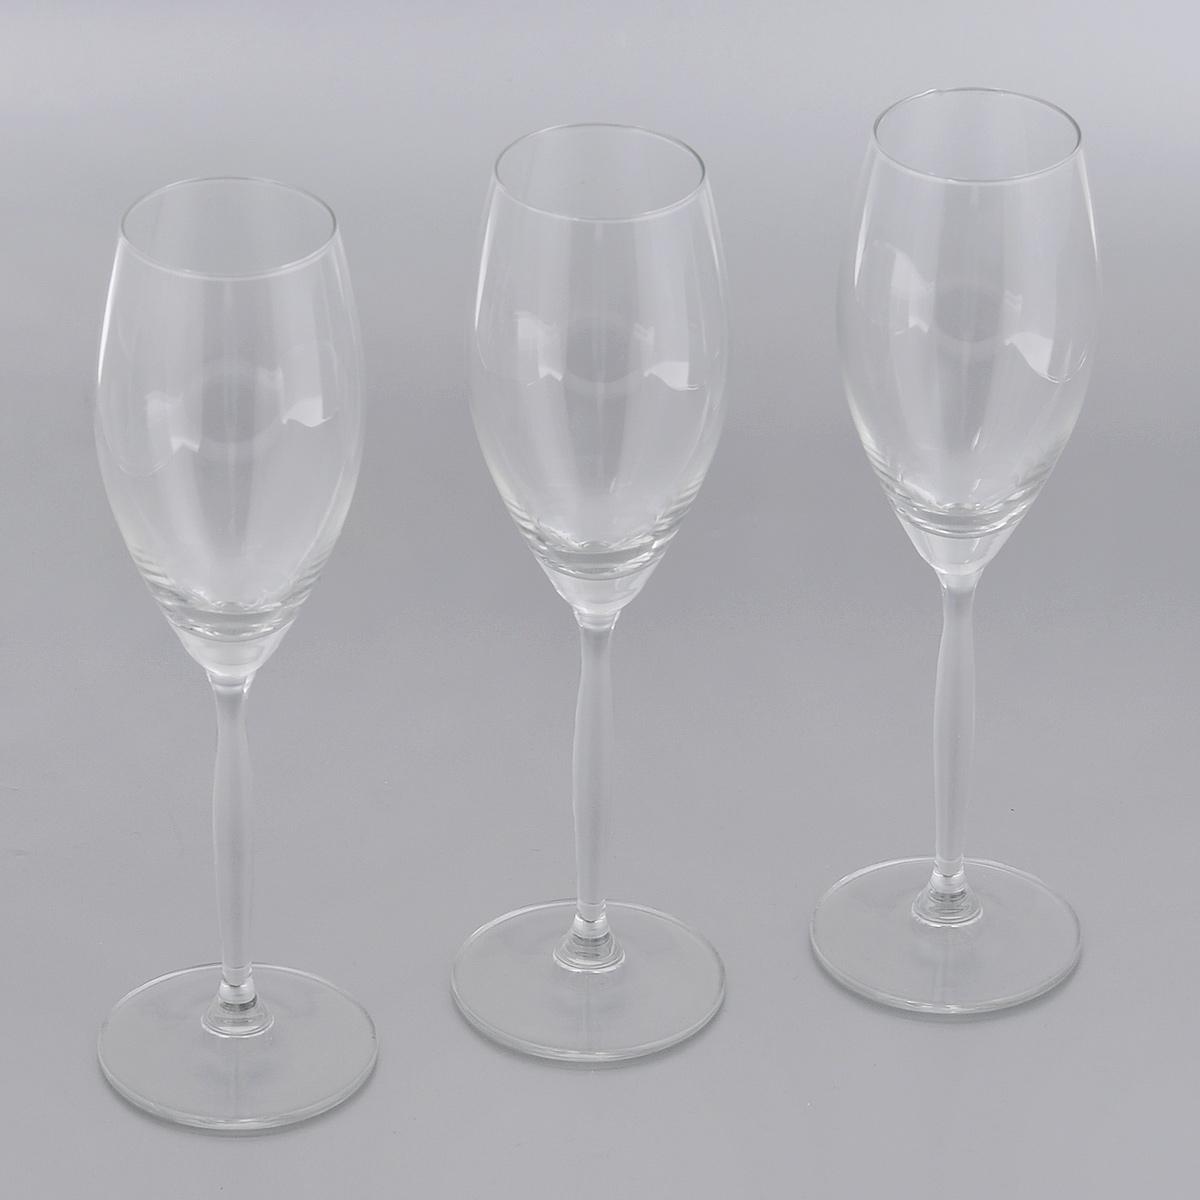 Набор бокалов для шампанского Royal Leerdam Fluente, 220 мл, 3 шт311716Набор Royal Leerdam Fluente состоит из 3 бокалов, выполненных из высококачественного стекла. Бокалы предназначены для подачи шампанского. Набор бокалов прекрасно оформит сервировку стола и создаст в доме атмосферу праздника и уюта. Можно мыть в посудомоечной машине.